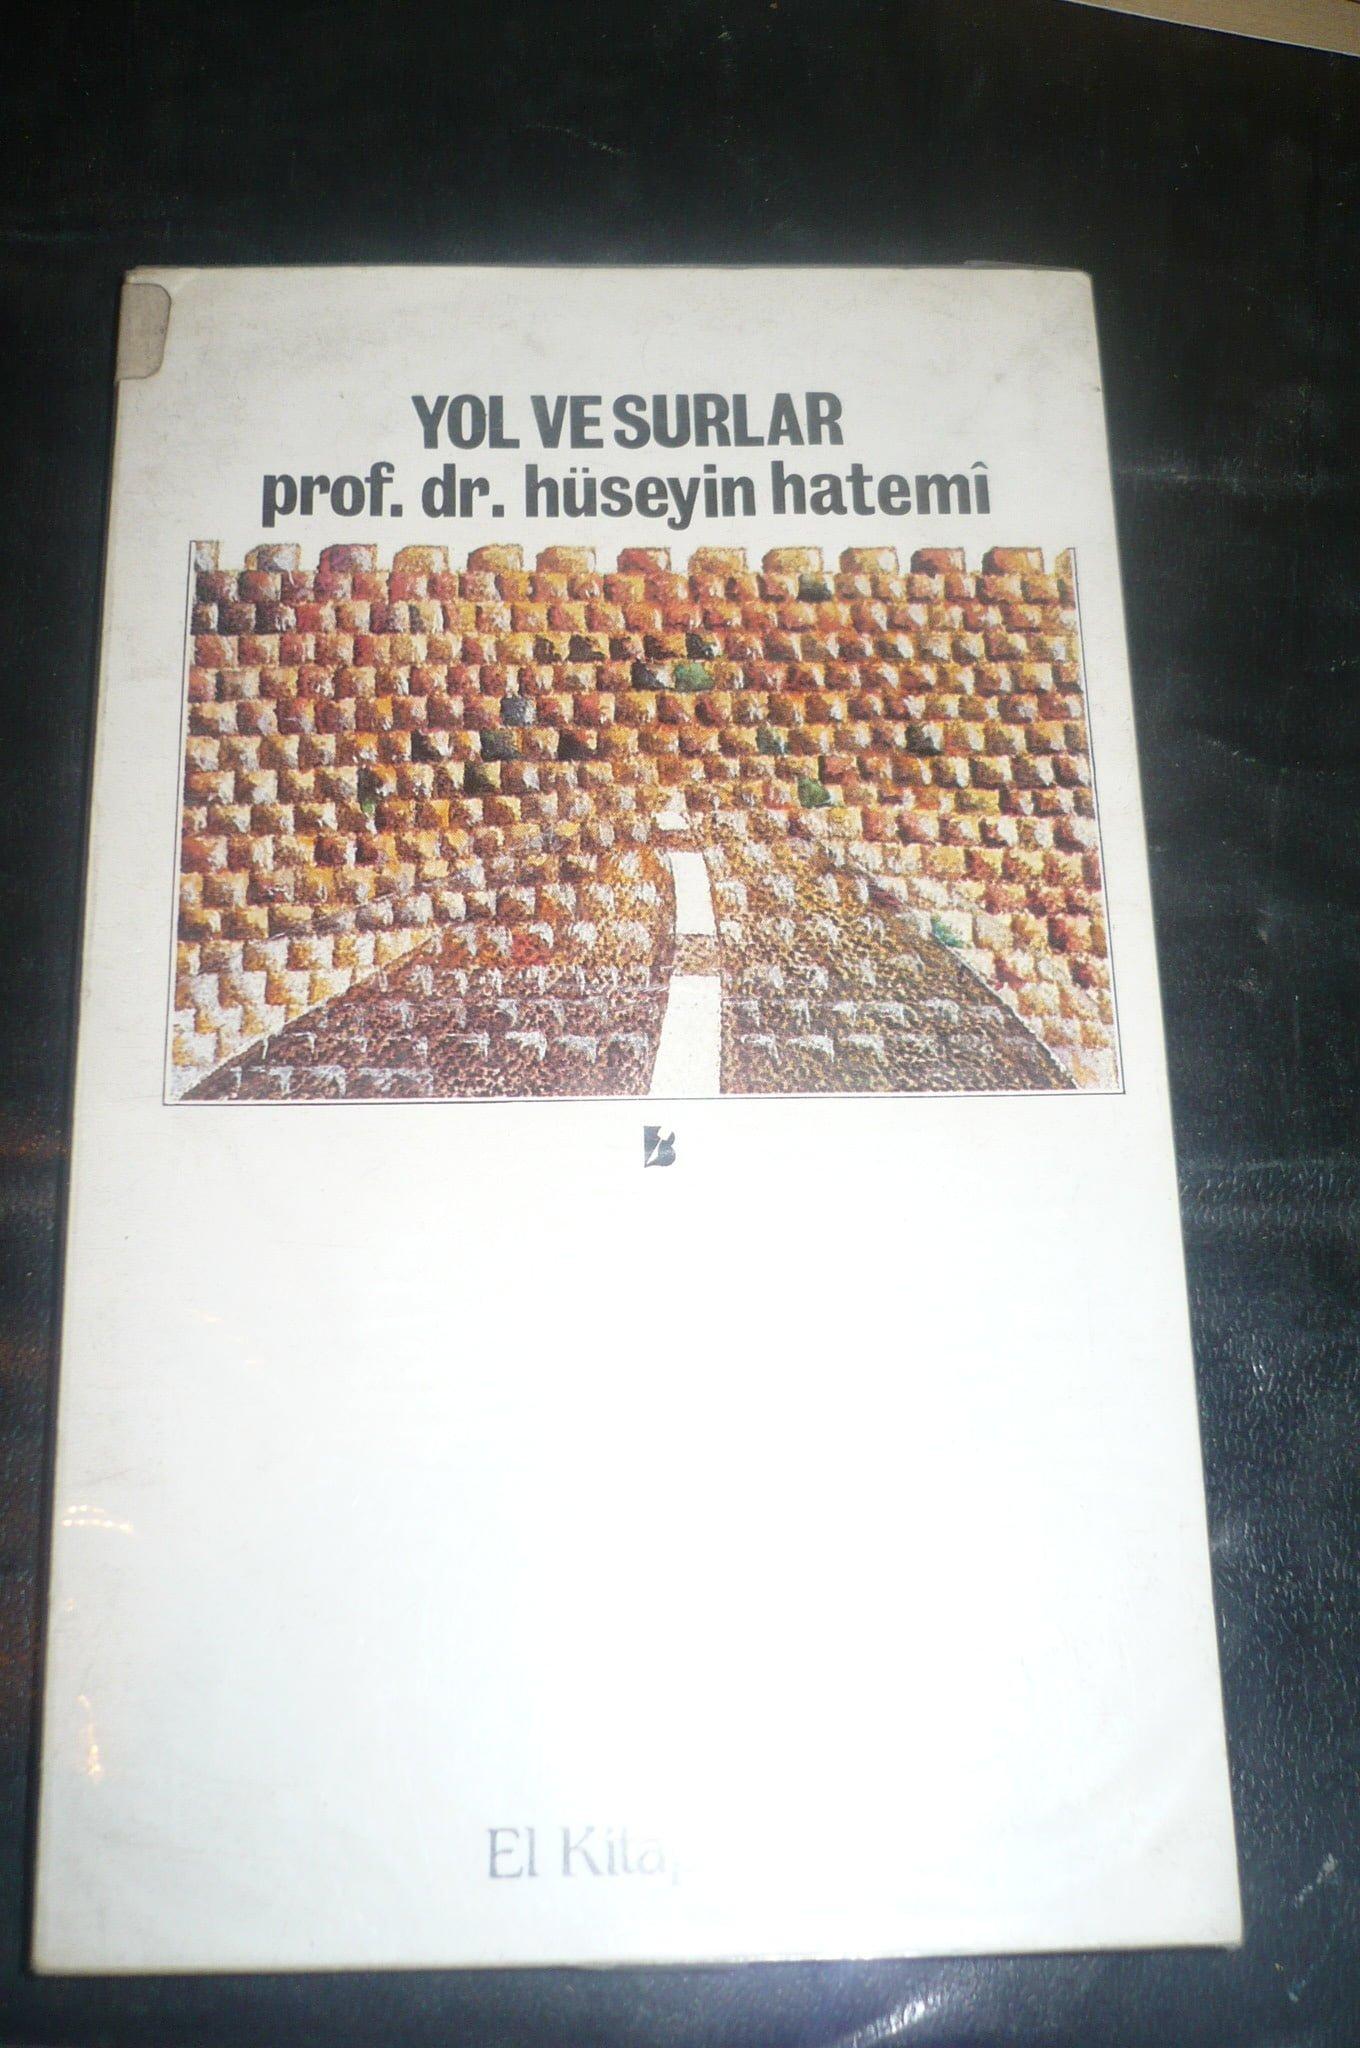 YOL VE SURLAR-deneme-/Hüseyin Hatemi/ 10 tl